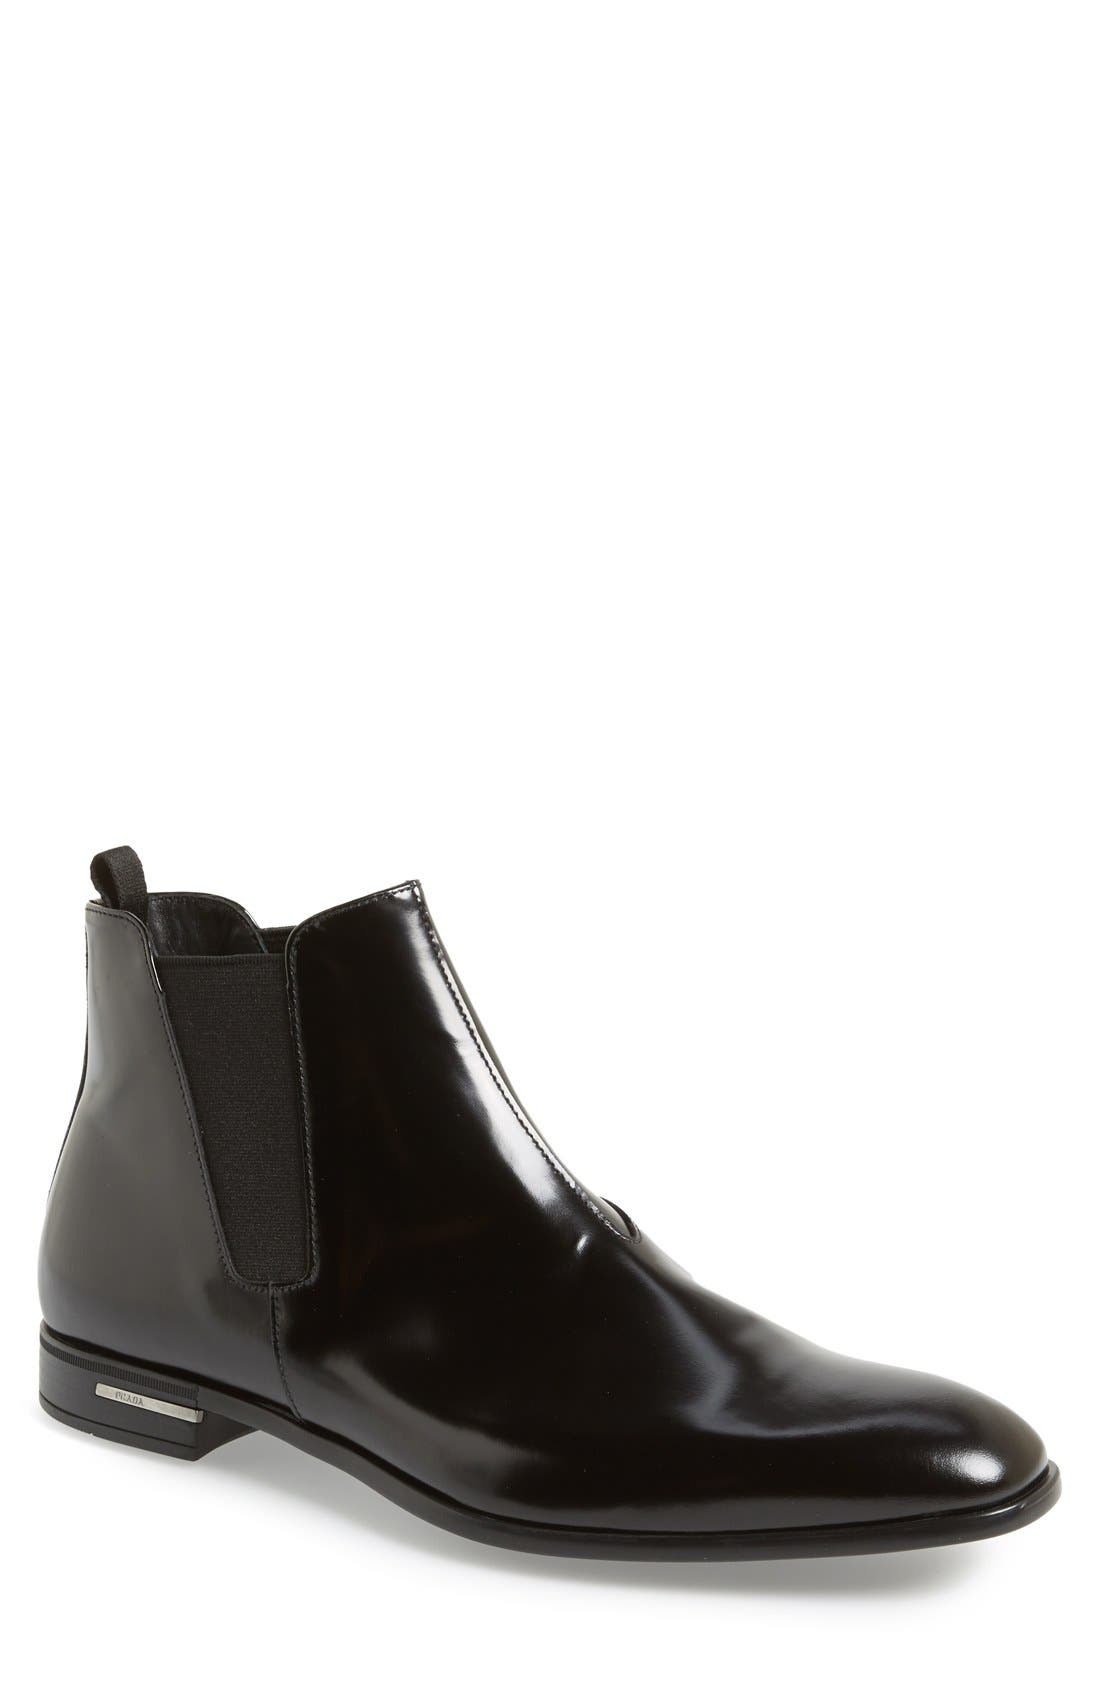 Alternate Image 1 Selected - Prada 'Spazzolato' Chelsea Boot (Men)